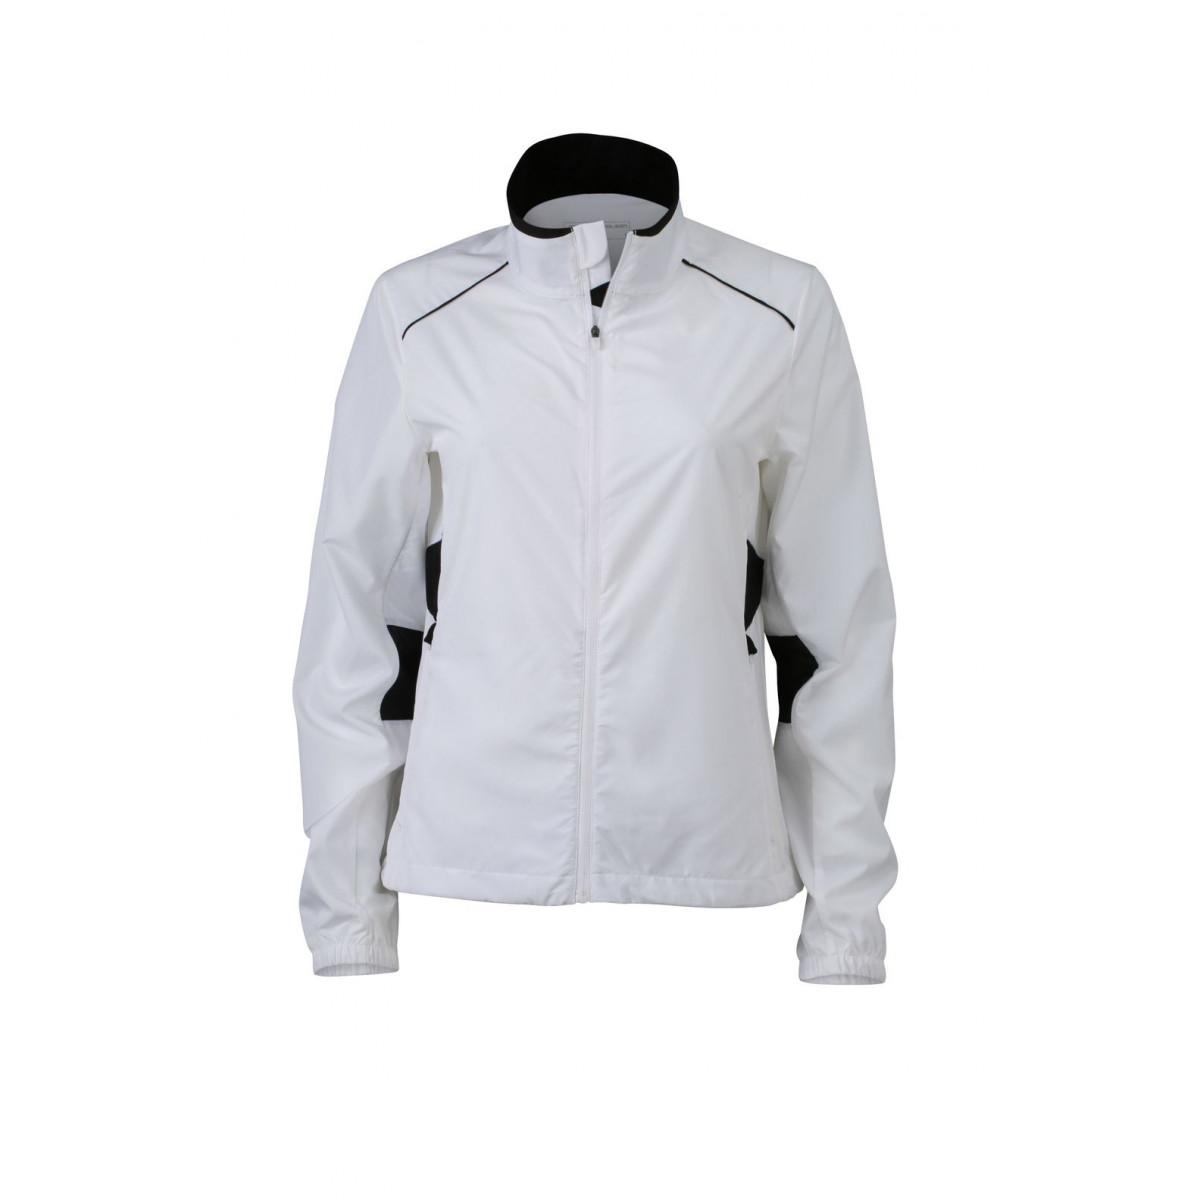 Куртка женская JN475 Ladies Performance Jacket - Белый/Черный